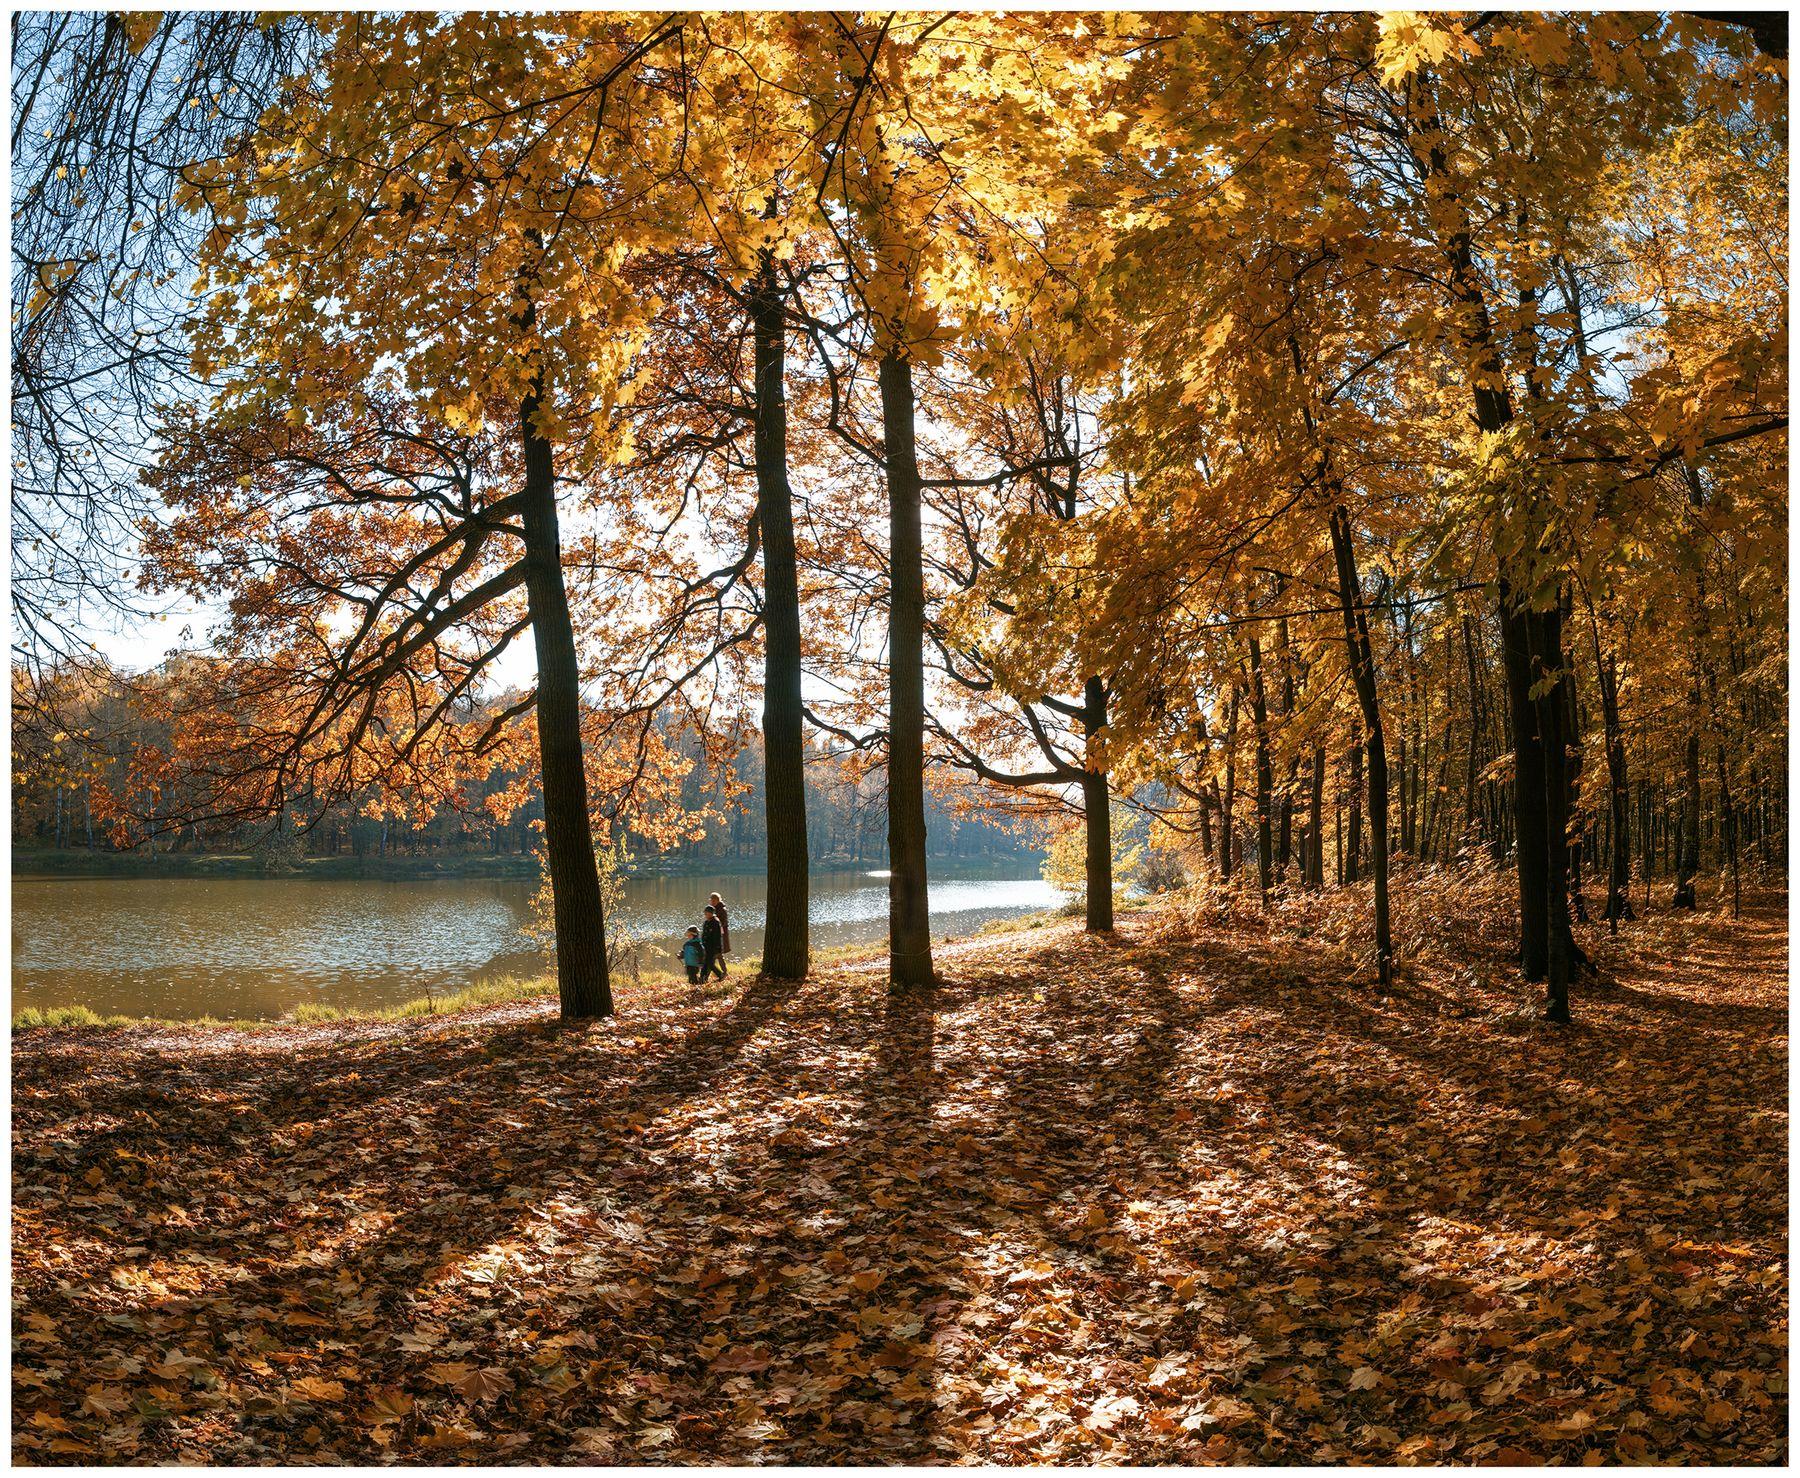 ***Кленовая роща. Золотая осень клены пруд три фигуры роща